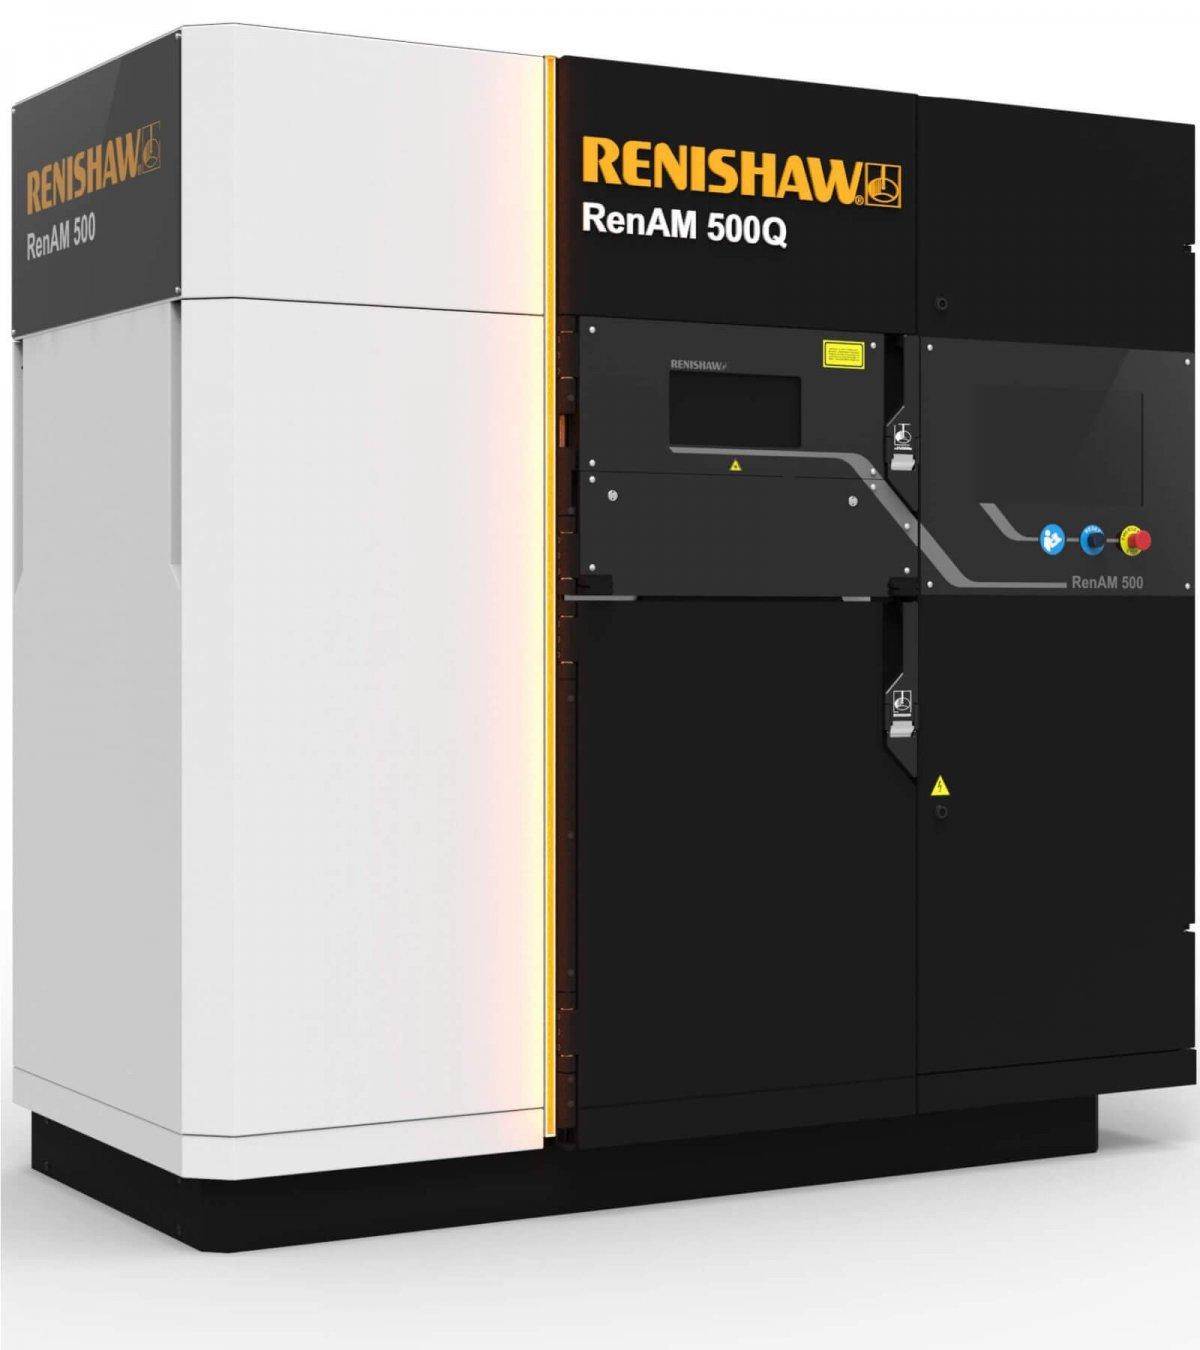 Renishaw stellt mit RenAM 500Q einen 3D-Metalldrucker mit vier Lasern vor